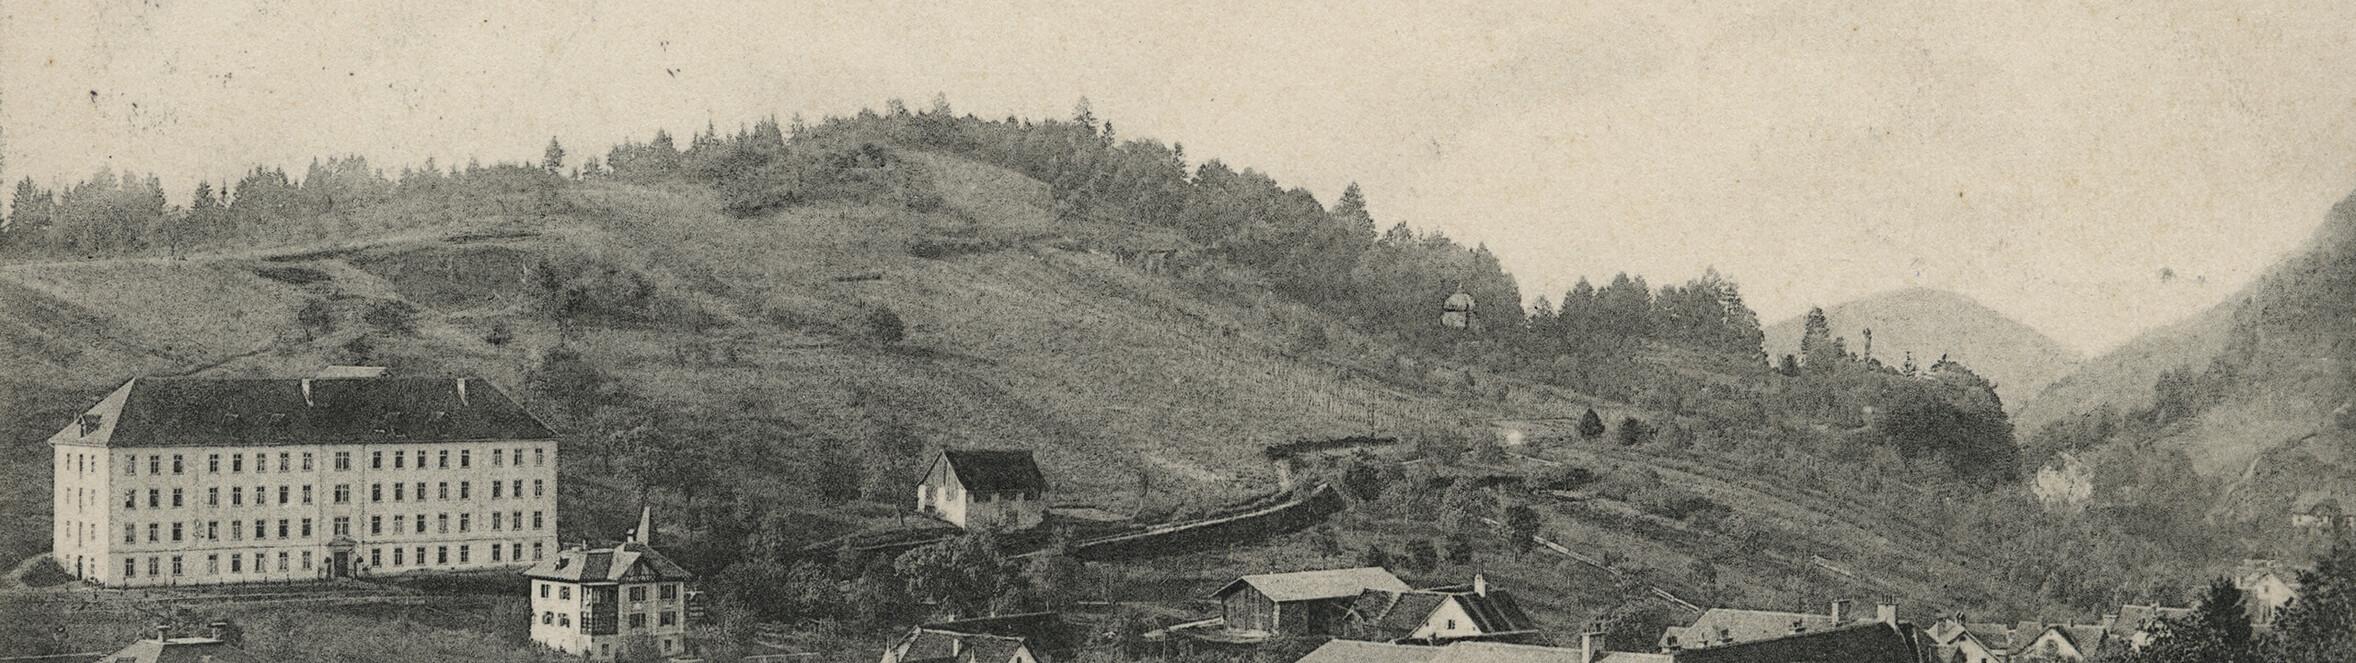 Antoniushaus der Kreuzschwestern in Feldkirch, Vorarlberg, historische Fotos